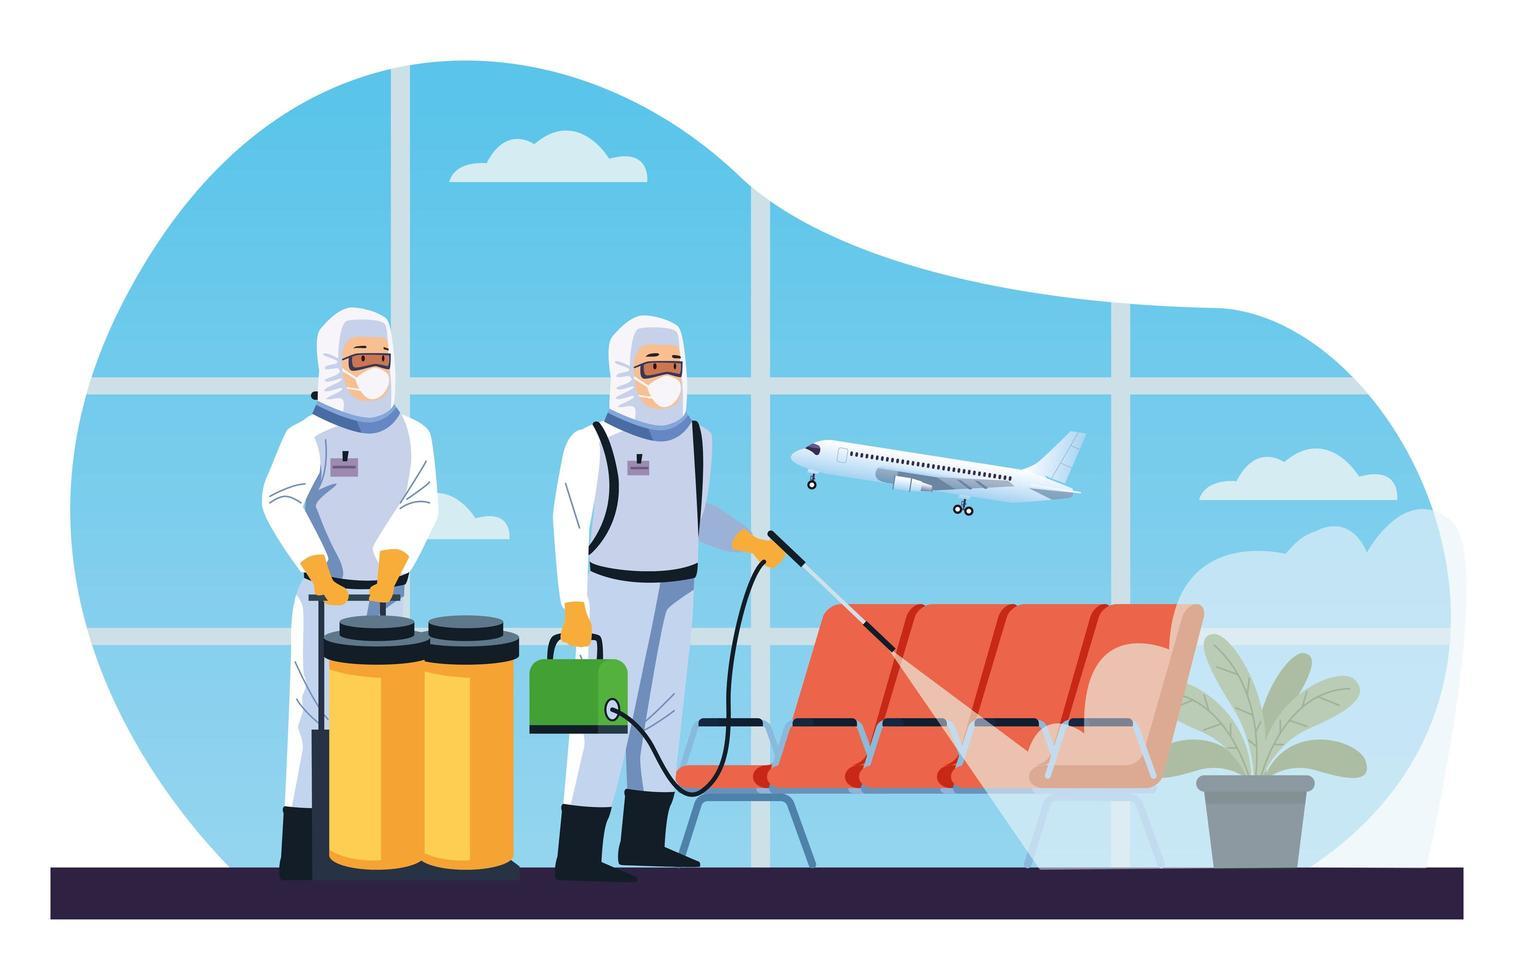 desinfecção de aeroporto por trabalhadores de biossegurança vetor